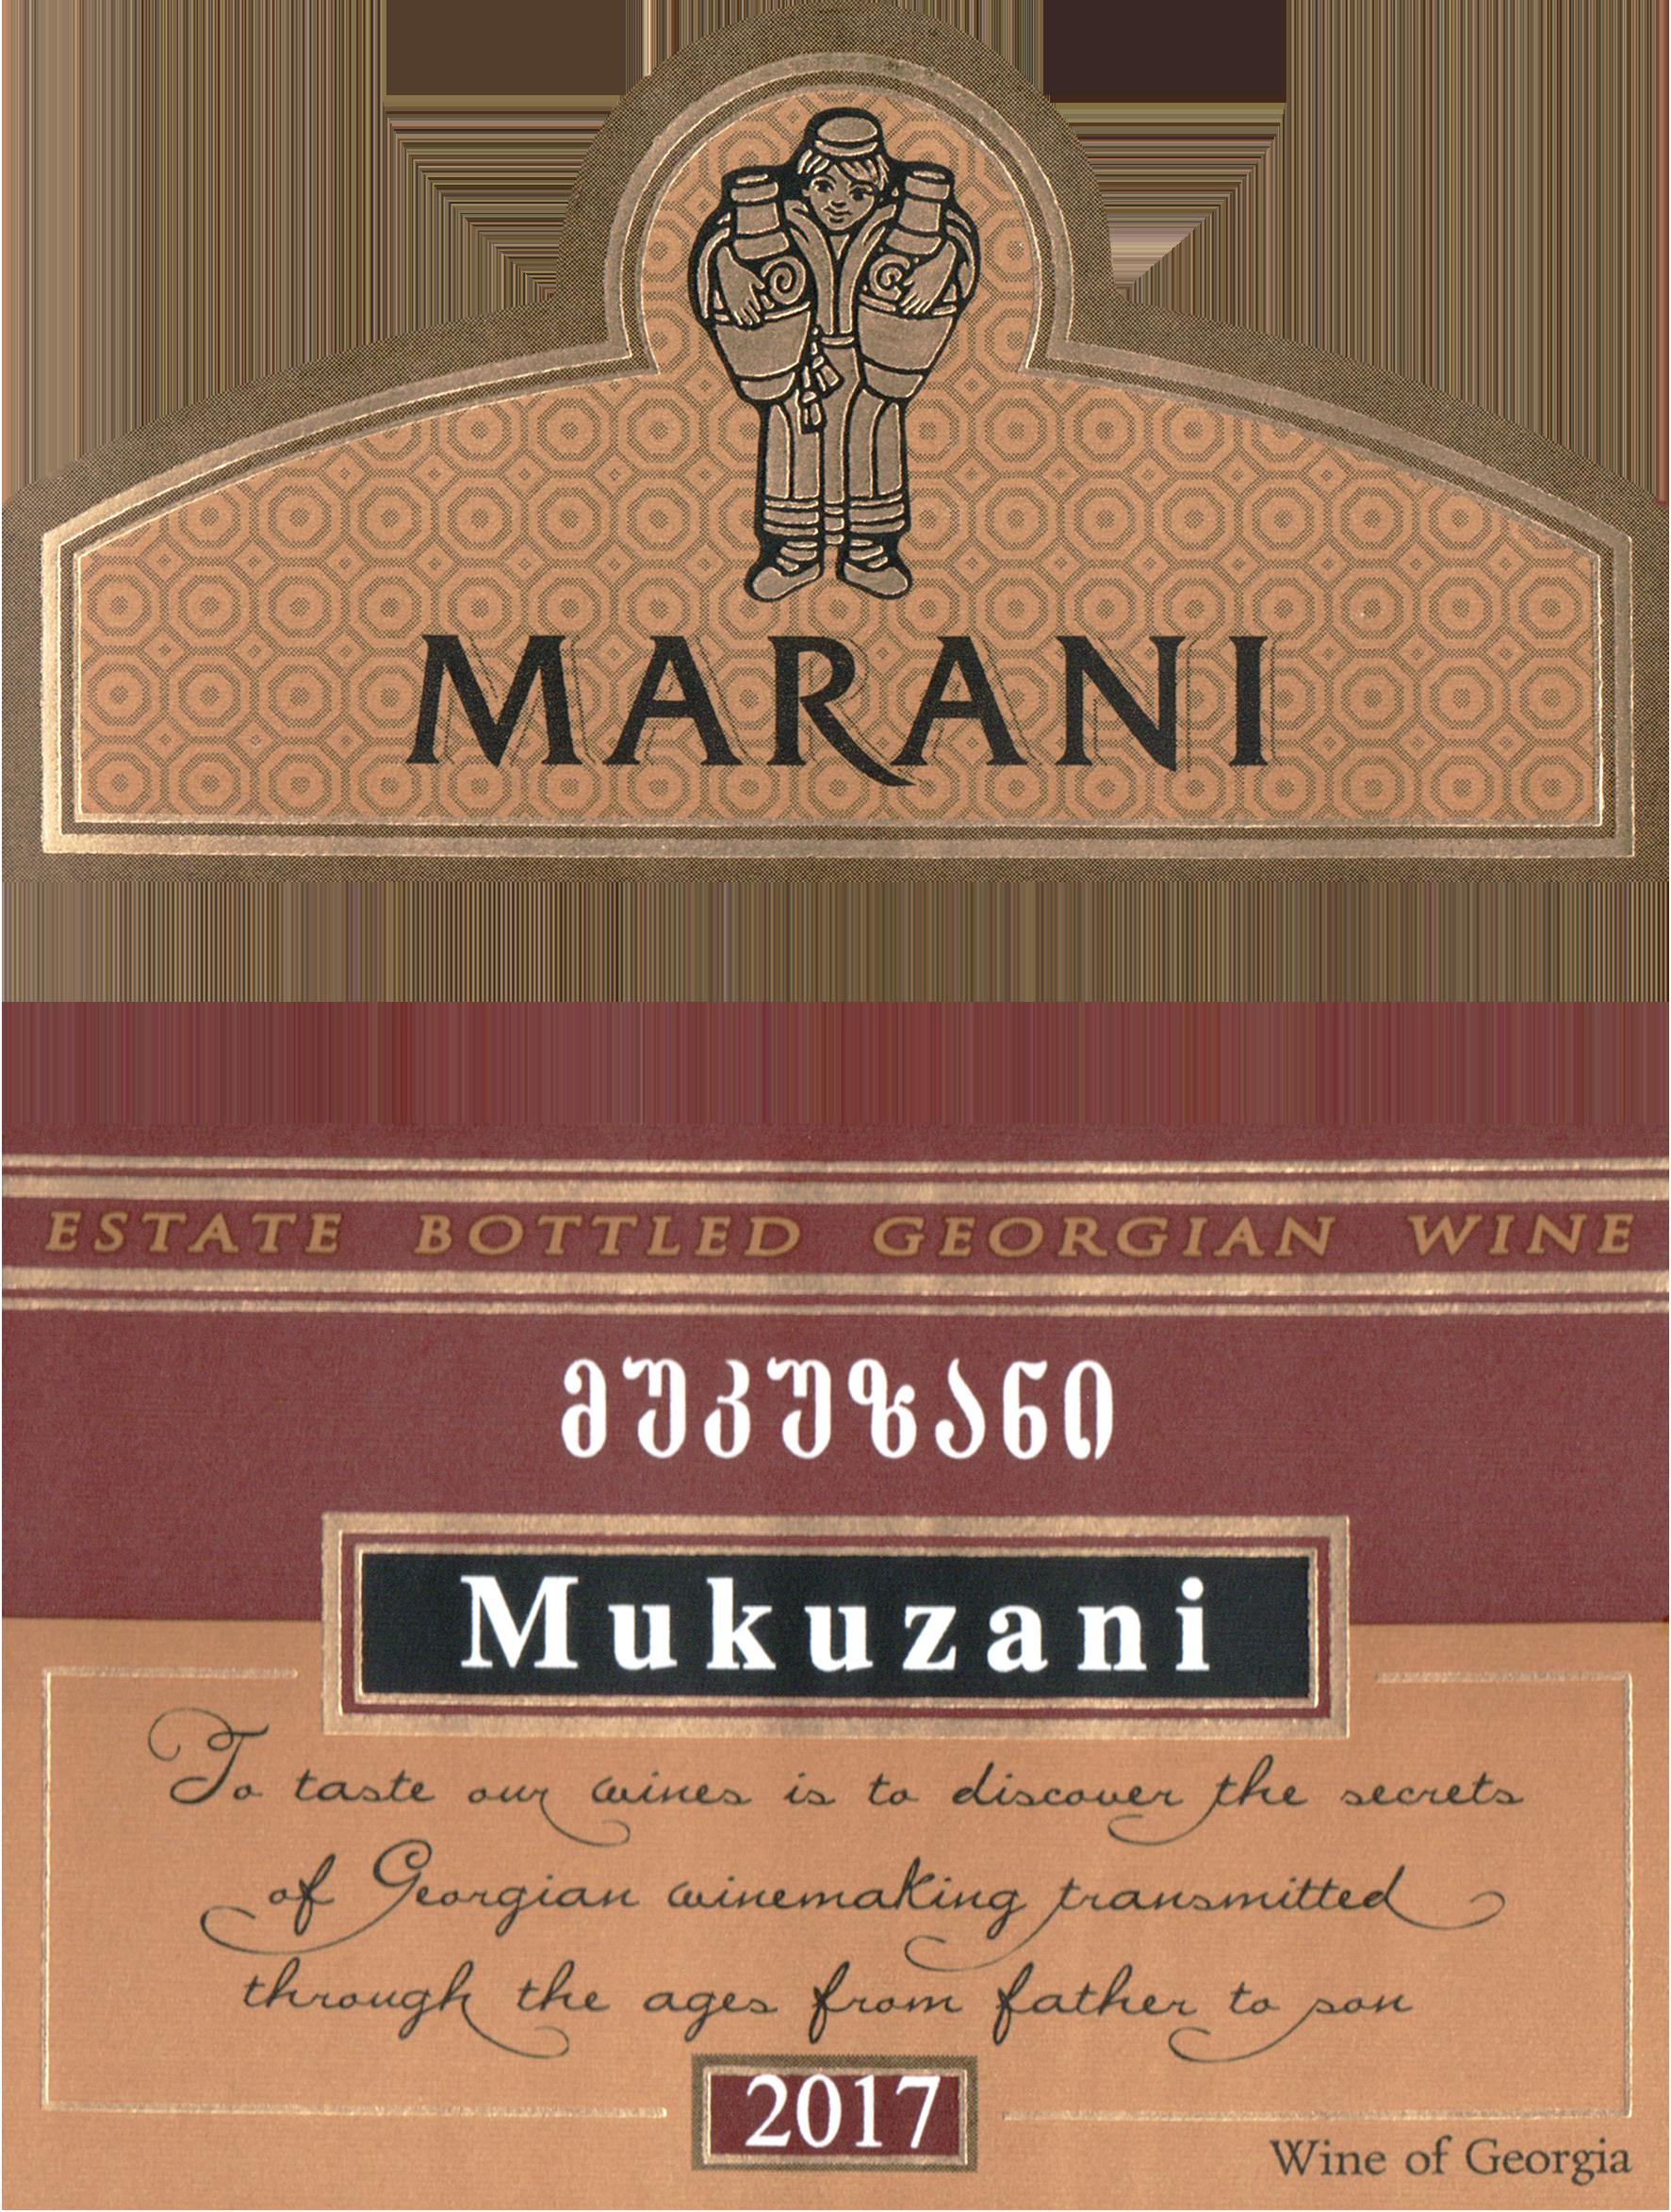 Marani Mukuzani 2017